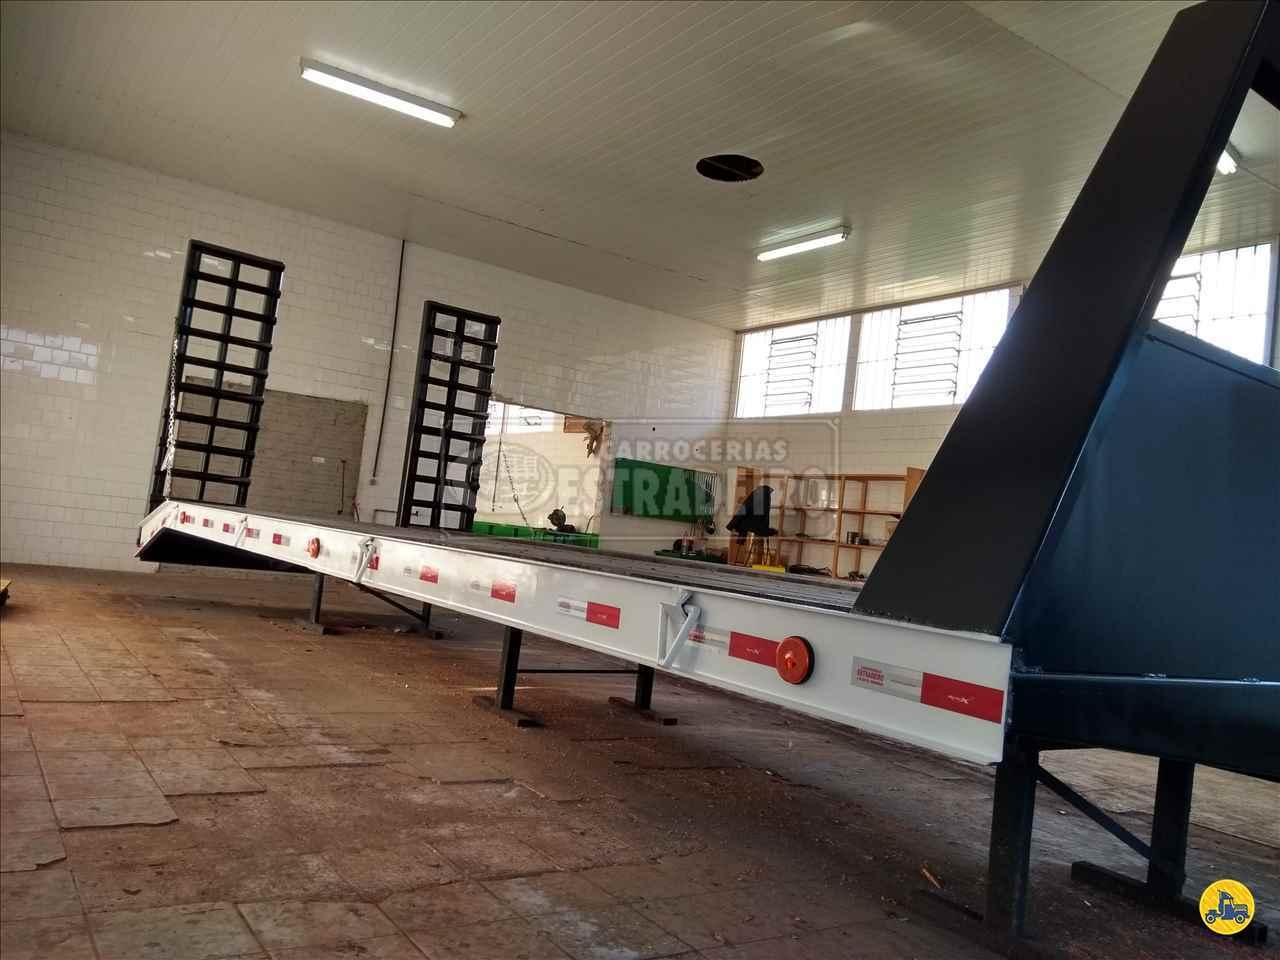 TRUCK PLATAFORMA GUINCHO 0km 2020 Carrocerias Estradeiro